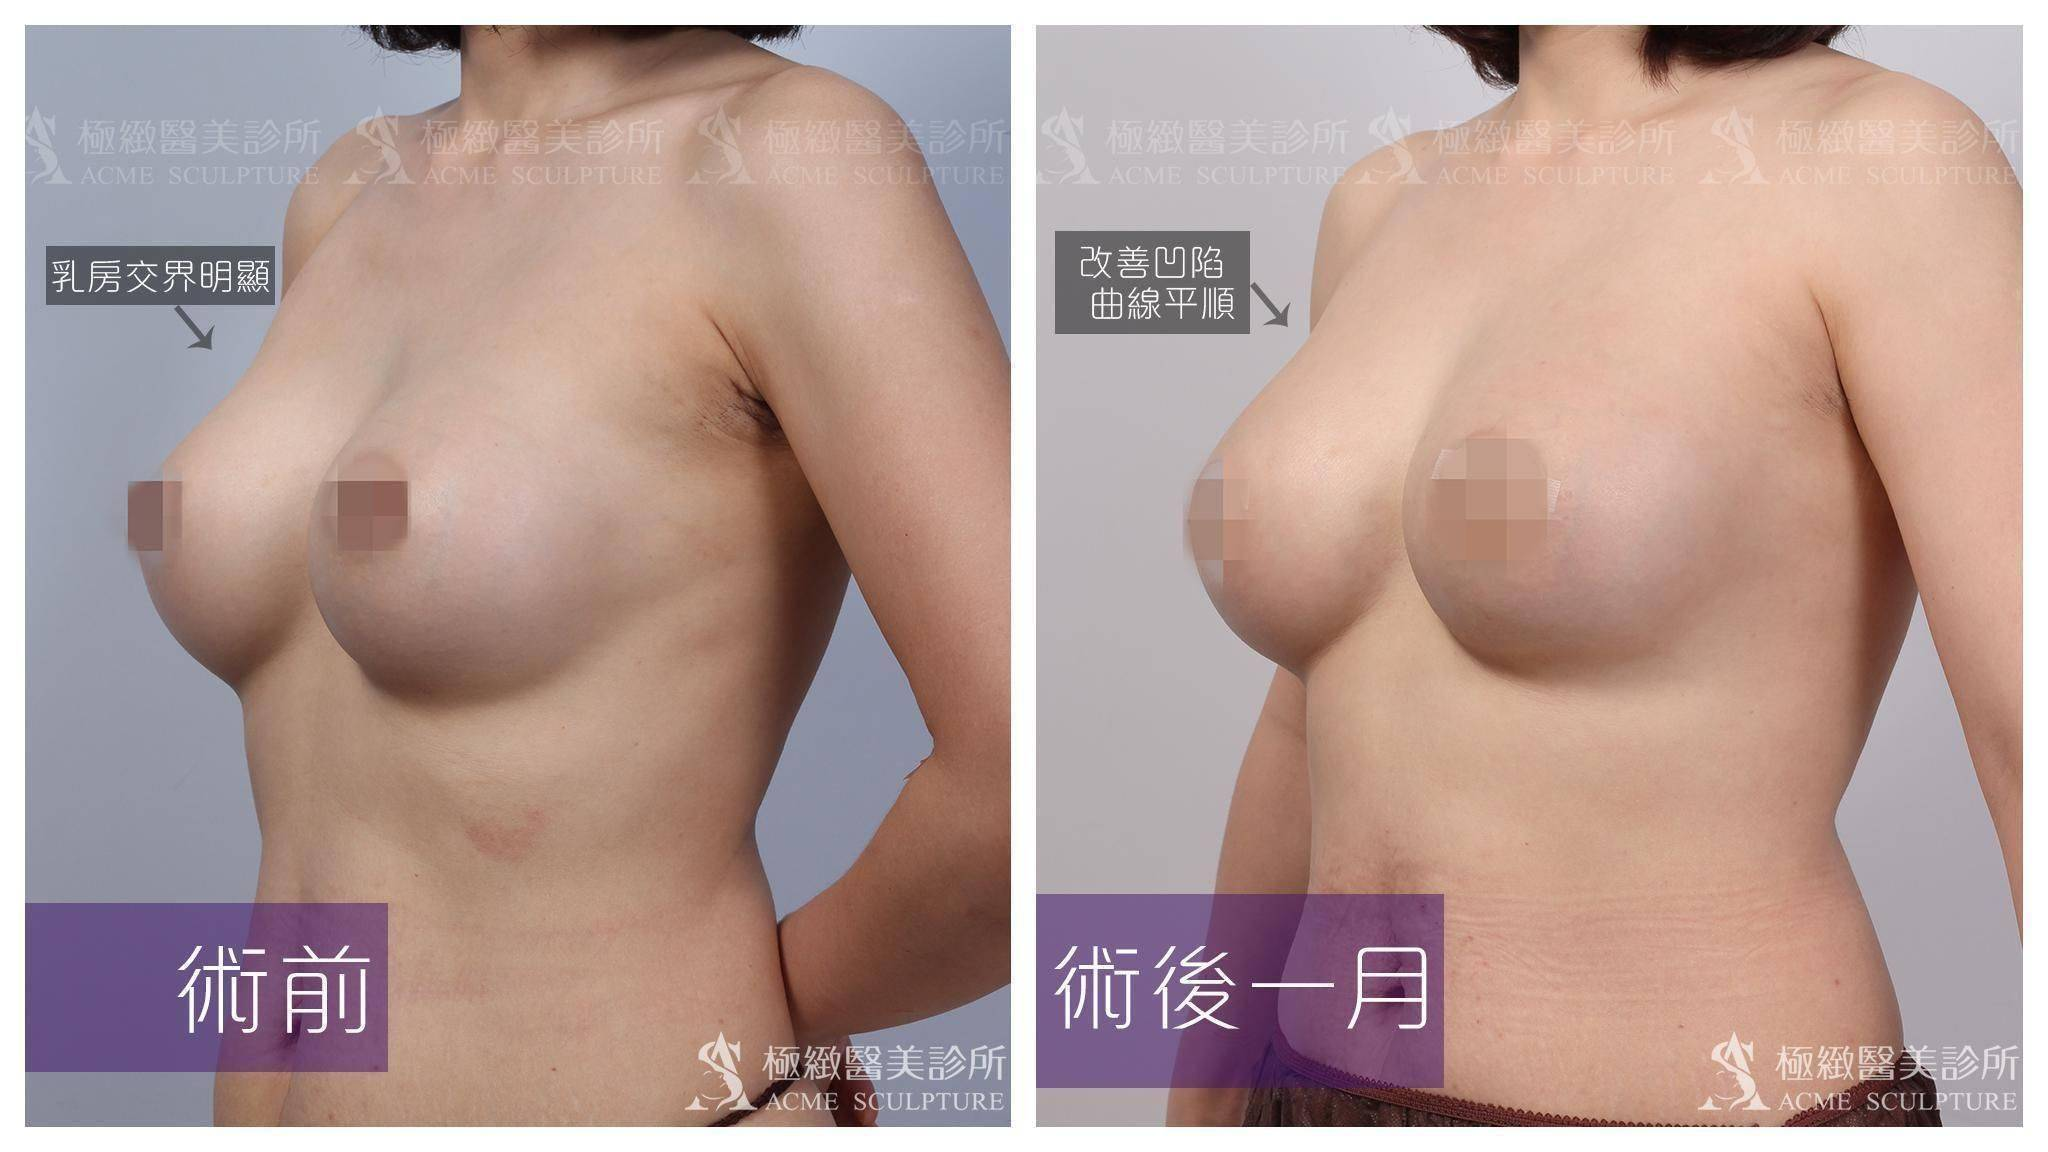 極緻醫美|複合式隆乳案例